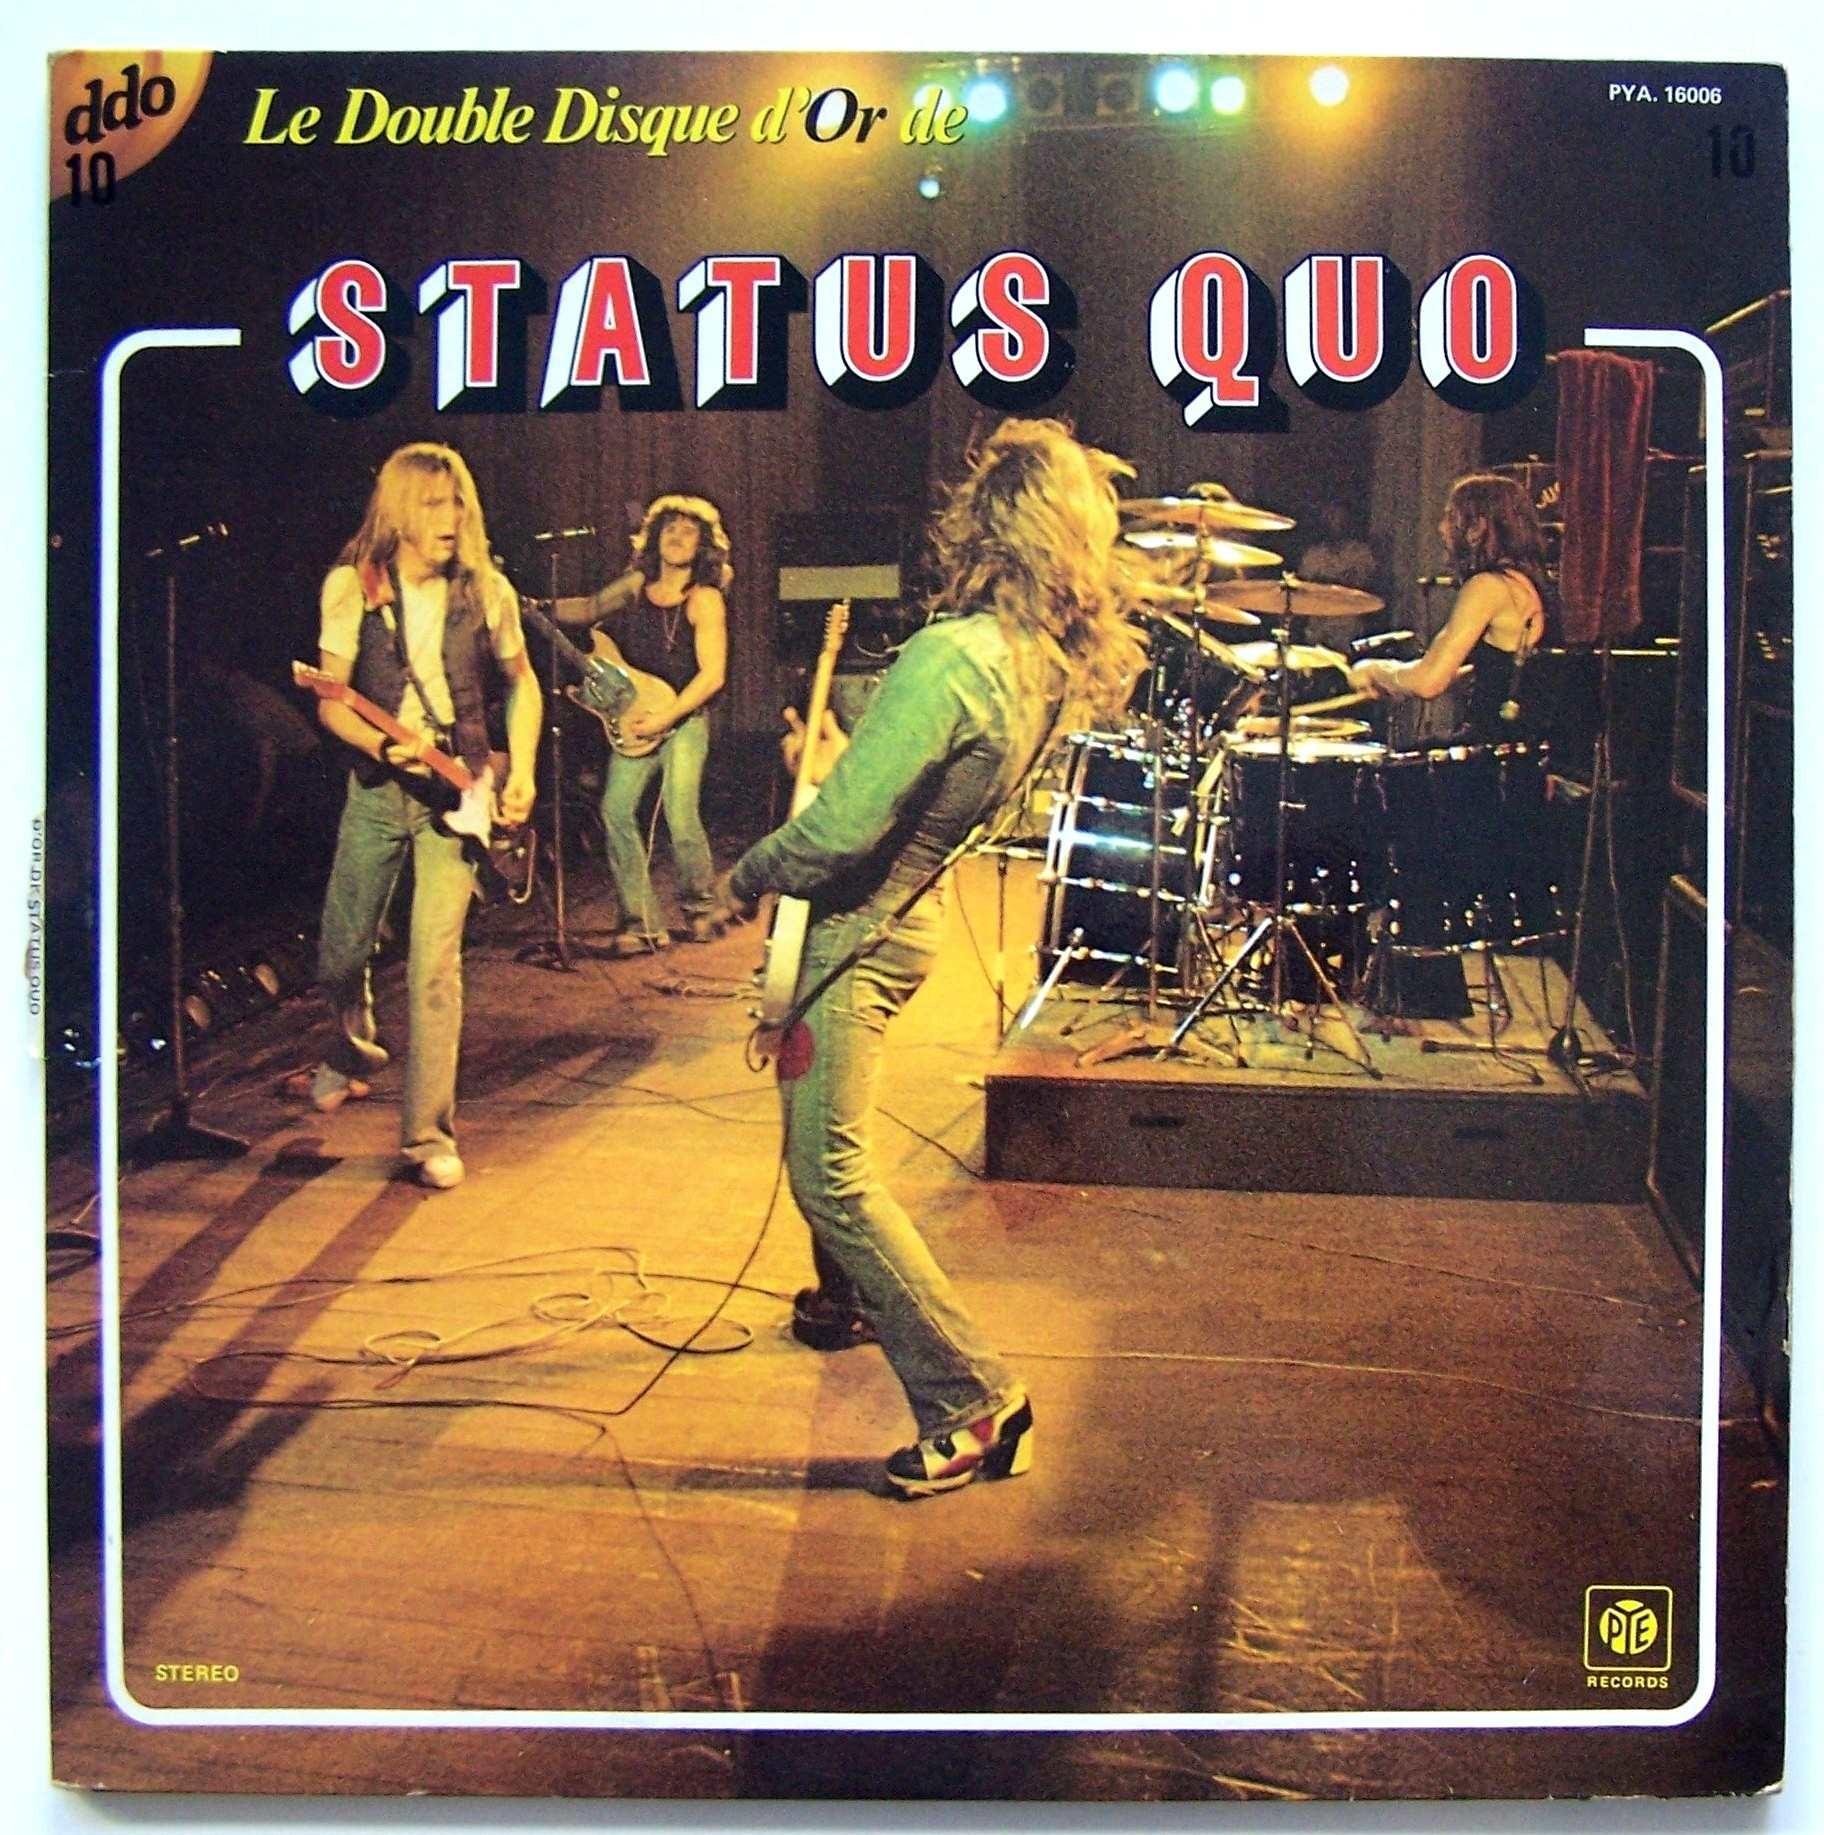 Status Quo - Le Double Disque Dor De Status Quo